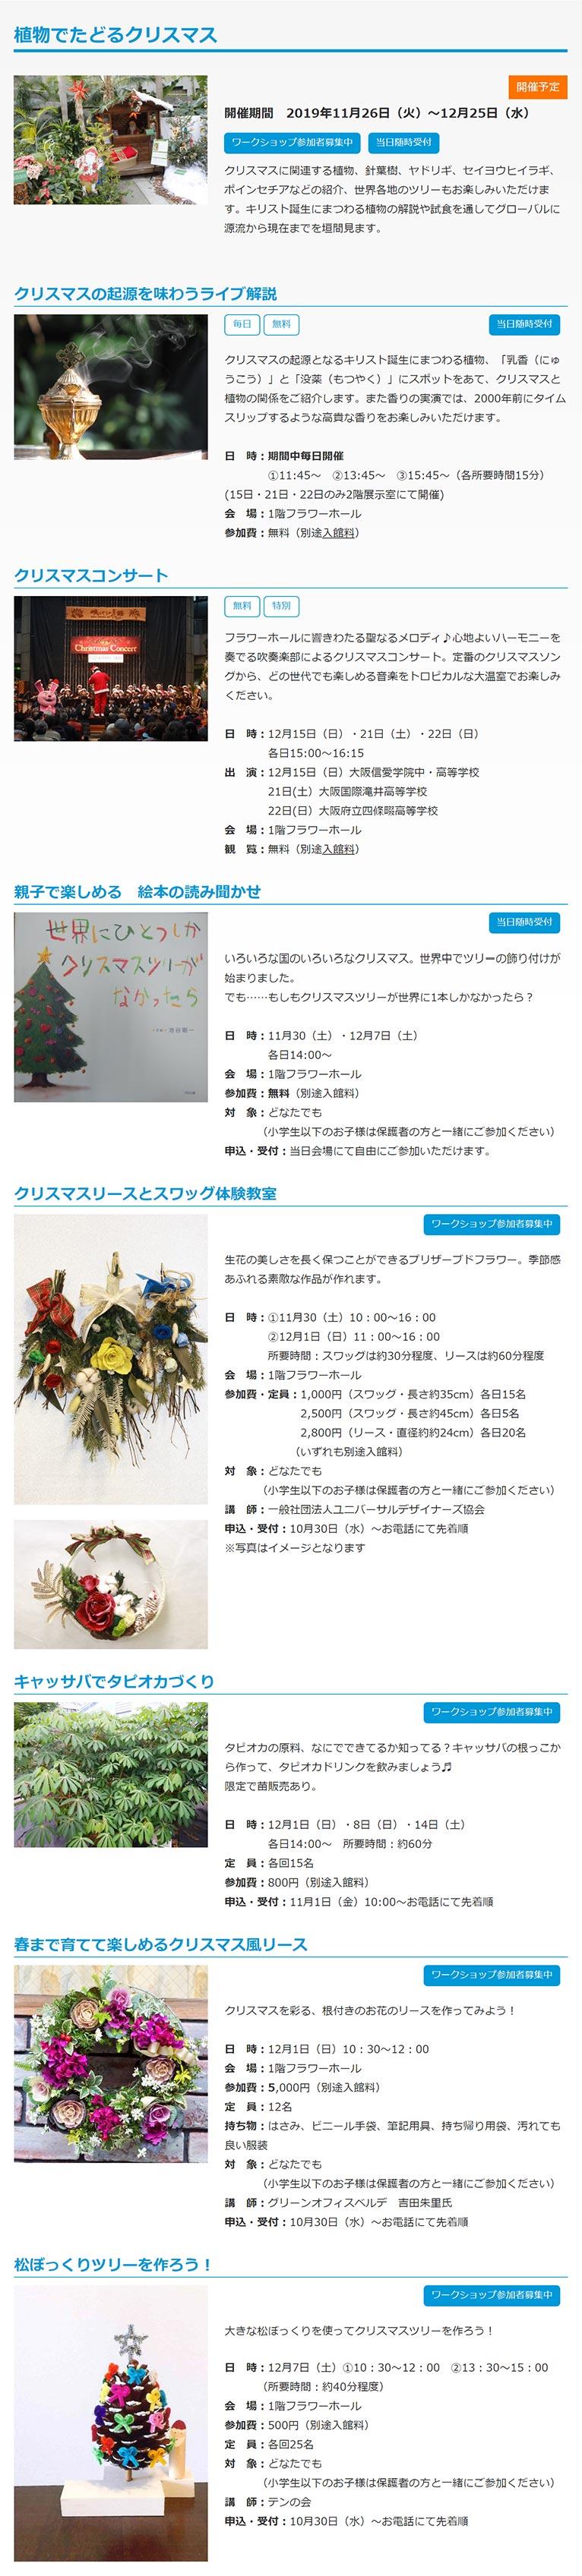 2019年11月26日~12月25日植物でたどるクリスマス咲くやこの花館